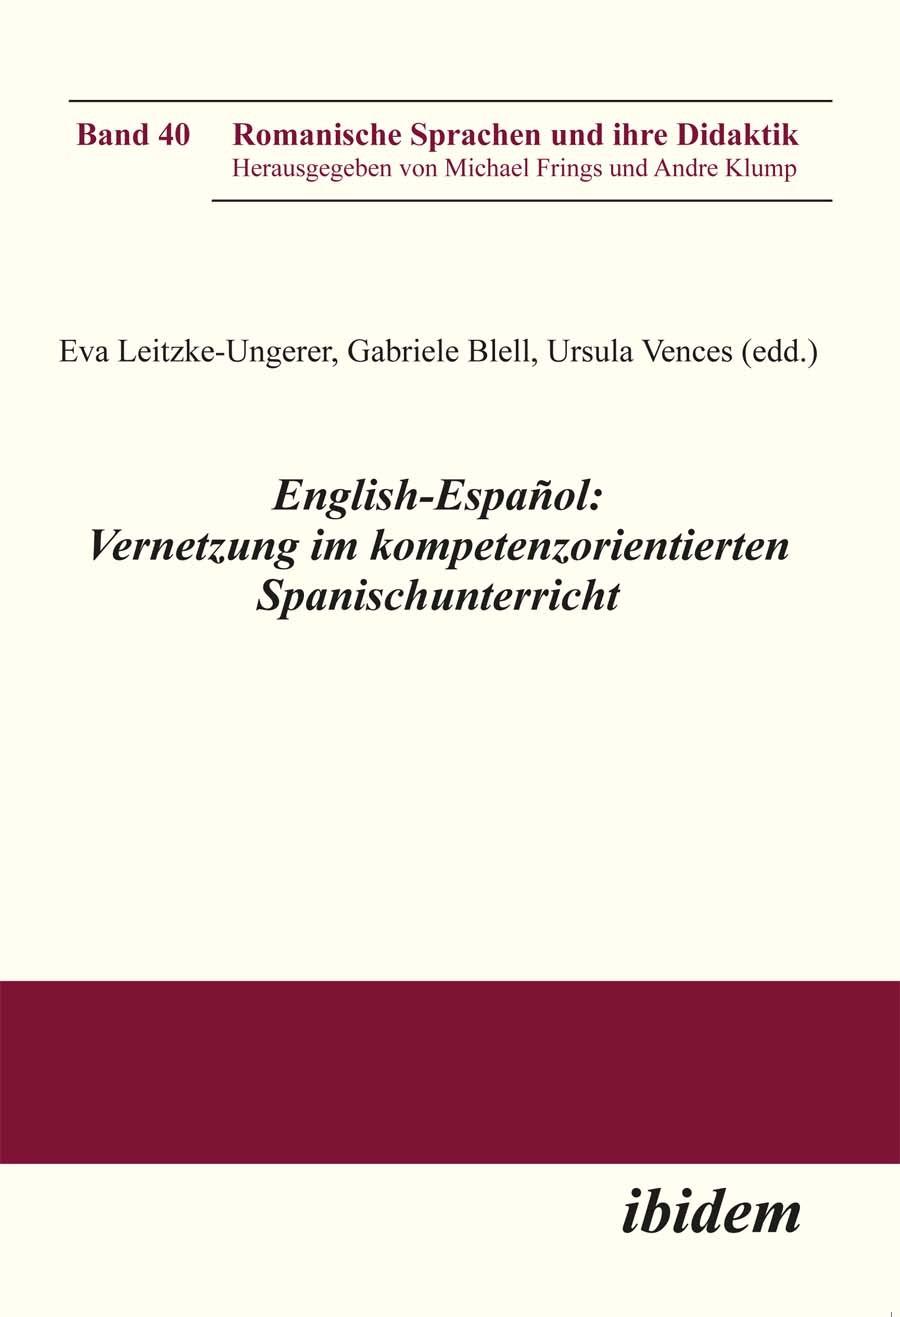 English-Español: Vernetzung im kompetenzorientierten Spanischunterricht